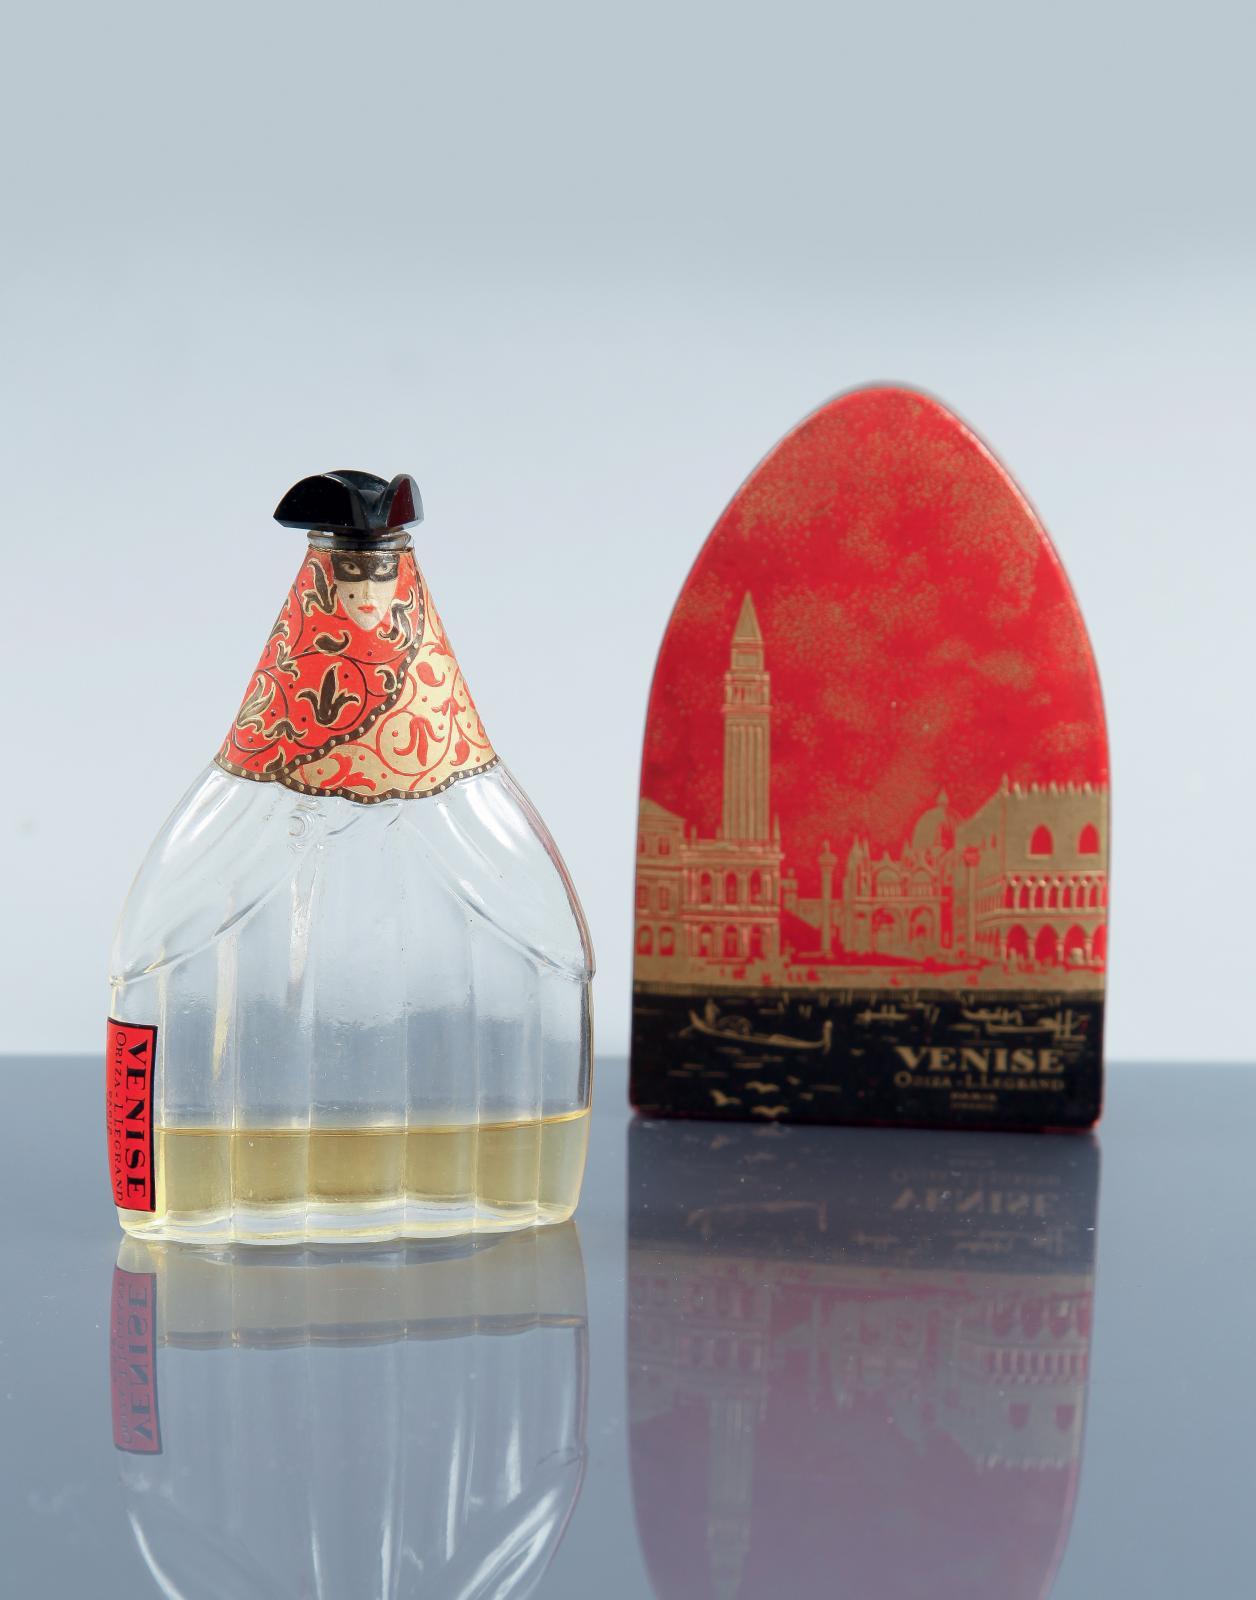 Oriza l.Legrand, Venise, 1925, flacon en verre bicolore, habillé de papier polychrome, bouchon en verre noir opaque, avec son étiquette et son étui d